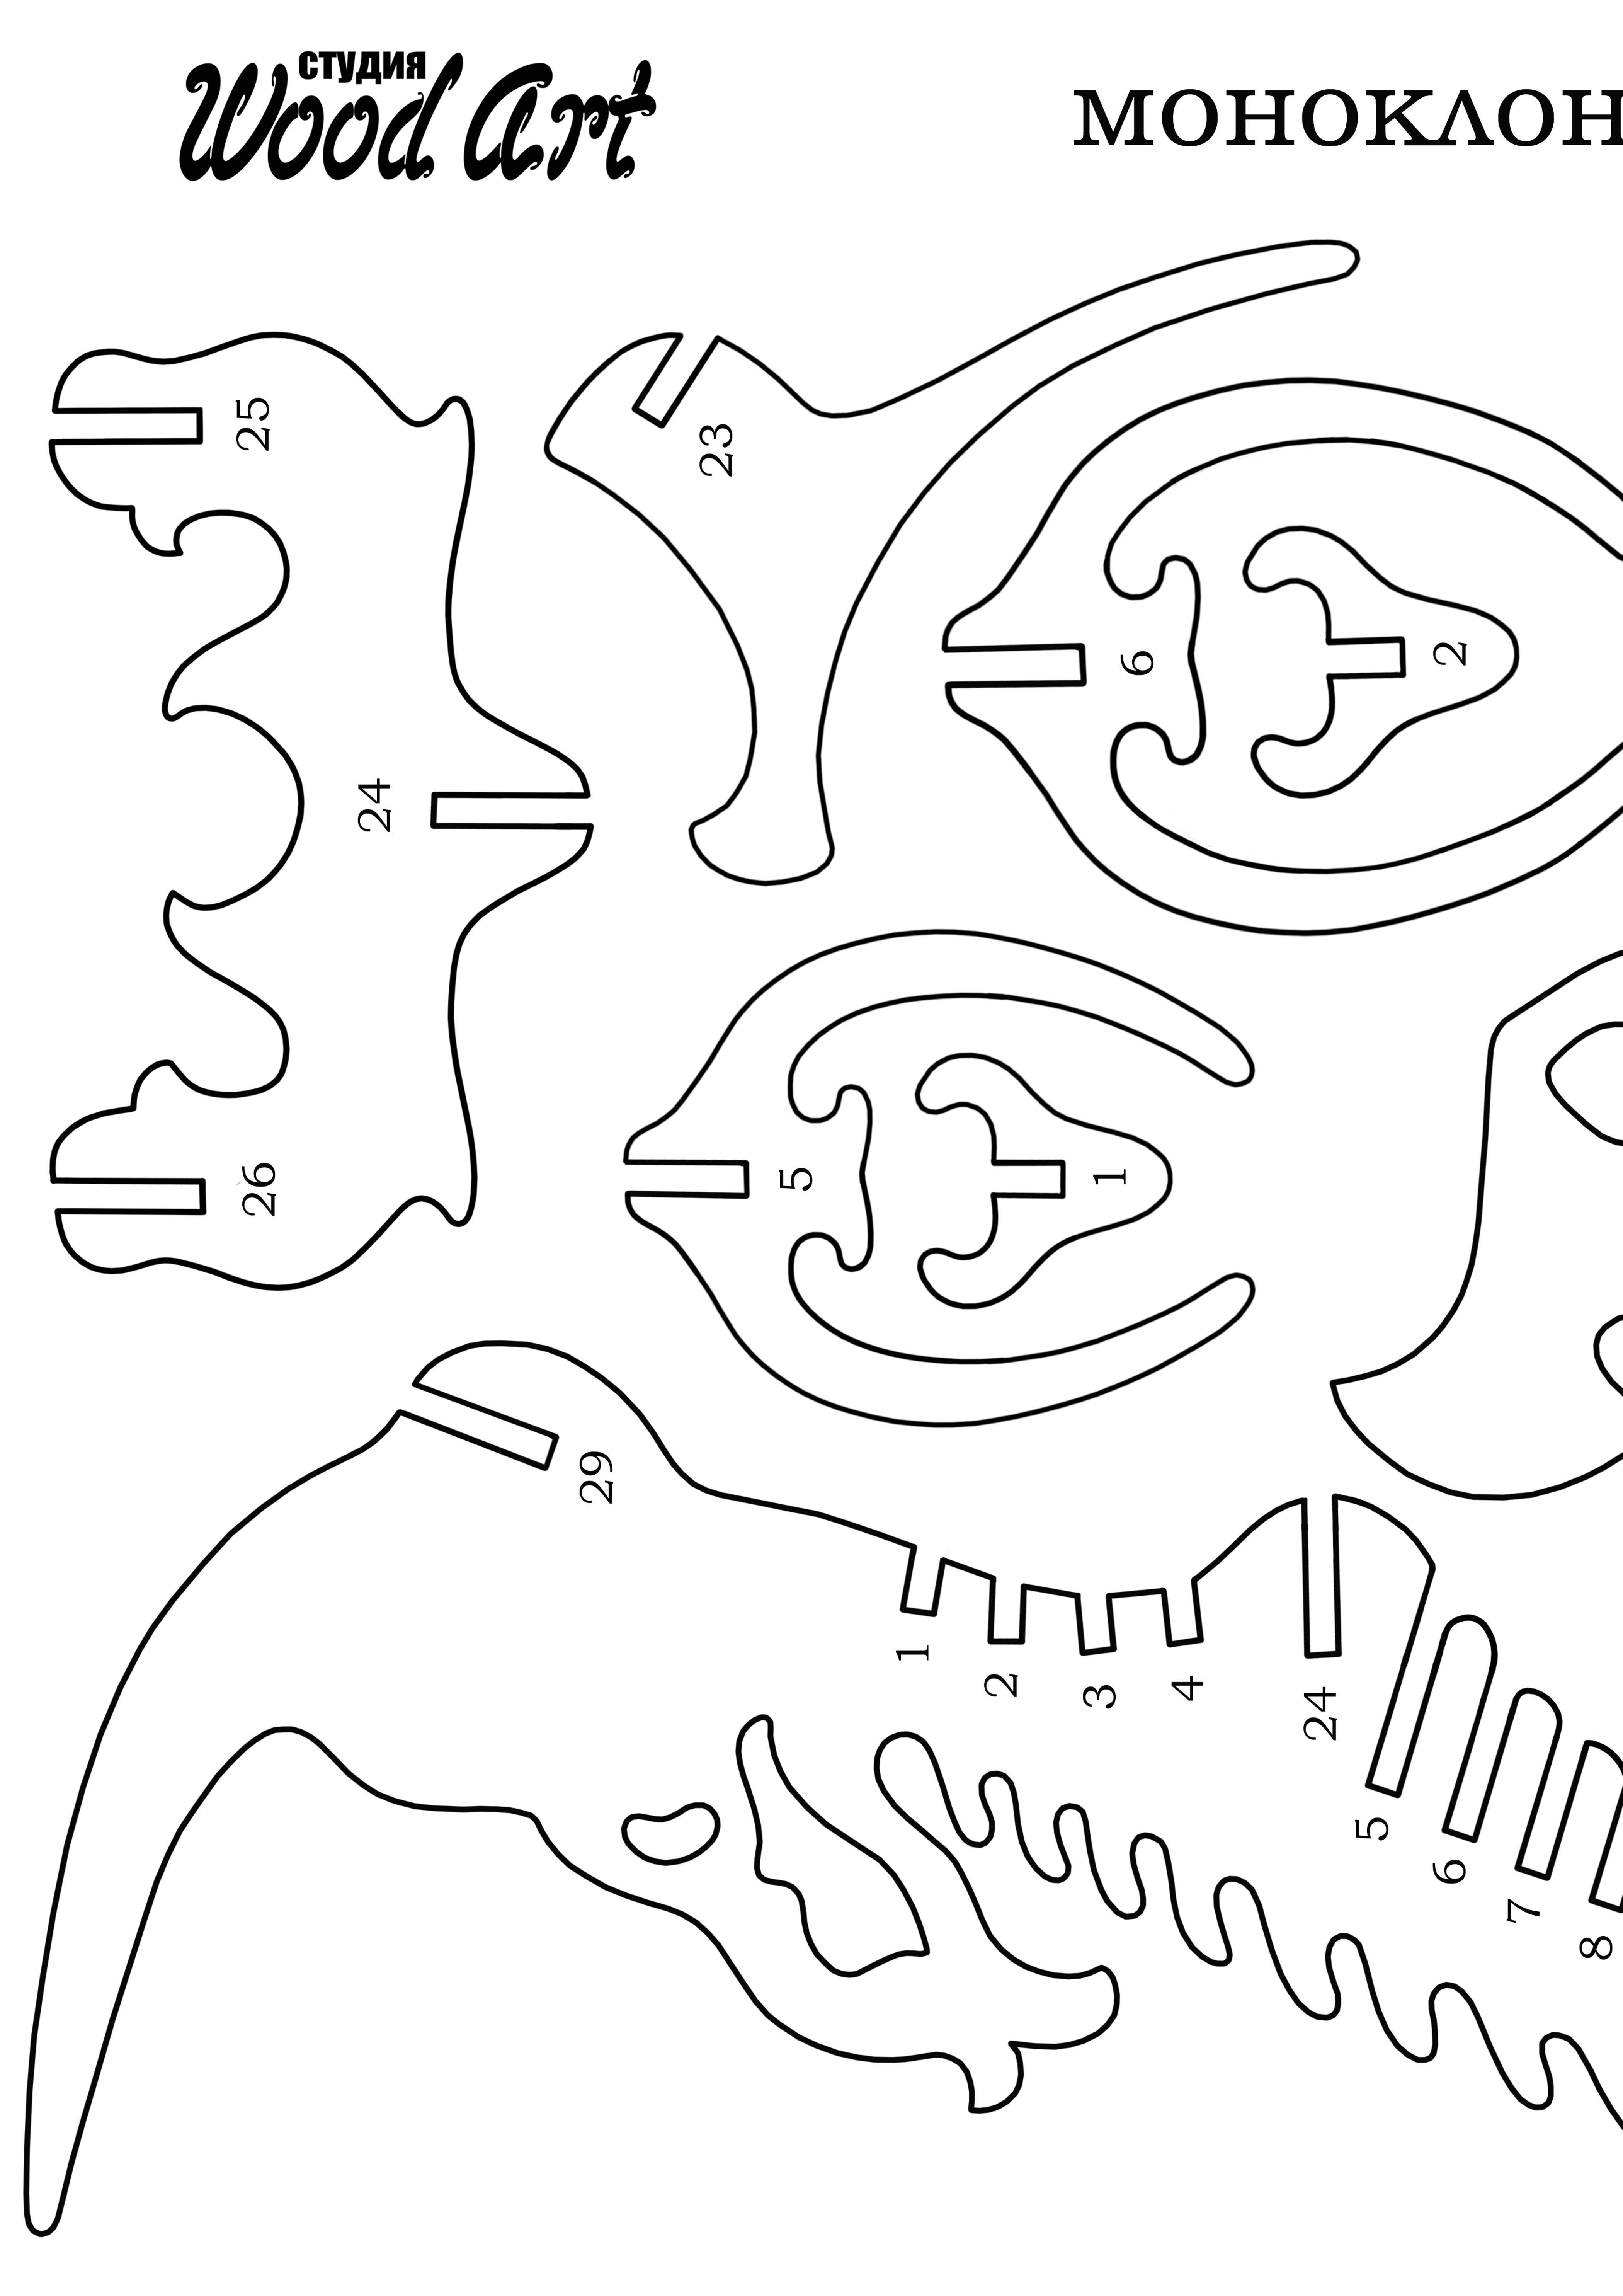 моноклониус лист 1а | Выпиливание | Pinterest